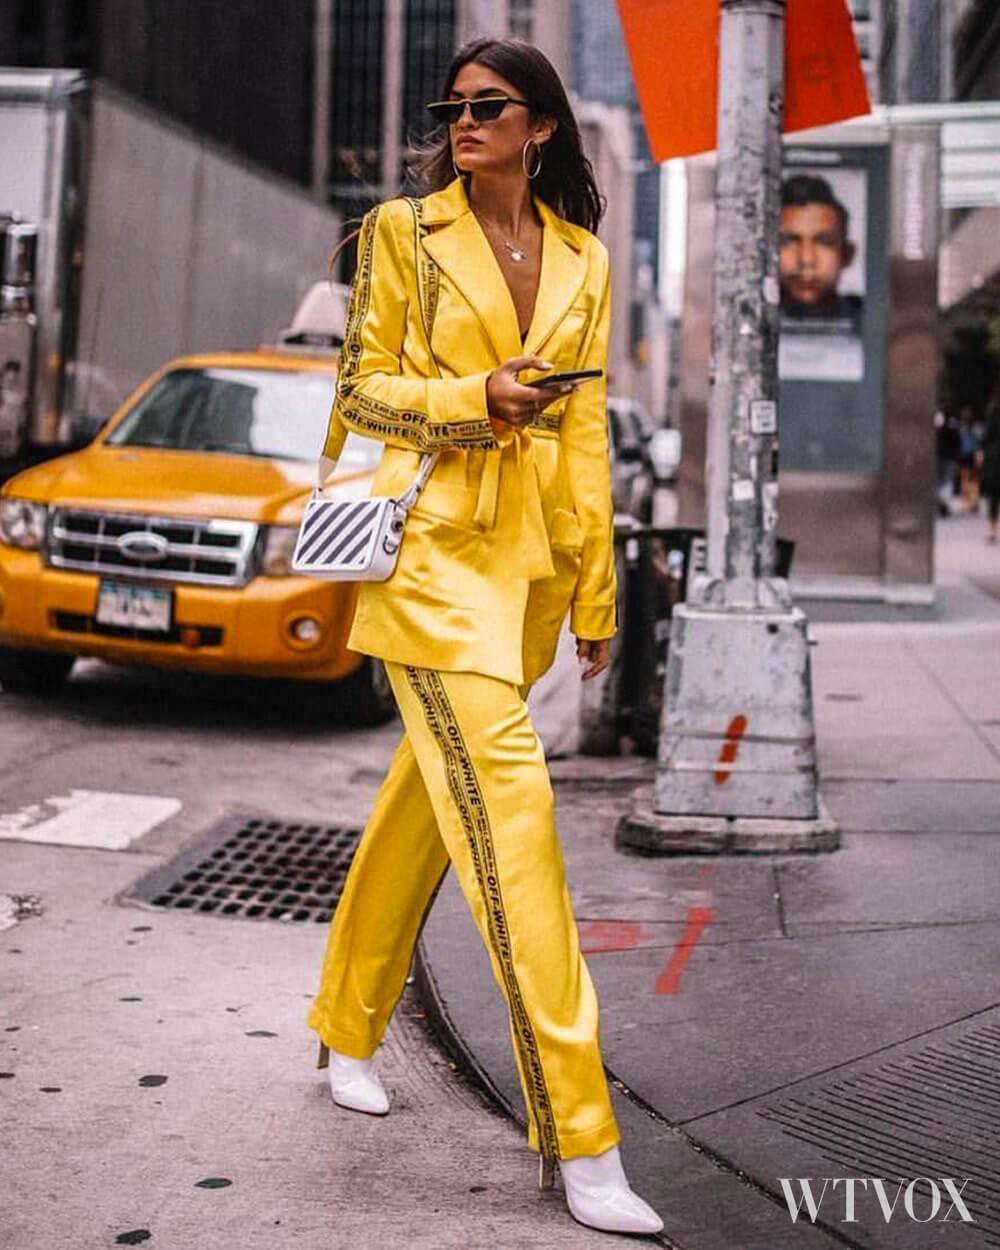 OFF-WHITE womens streetwear